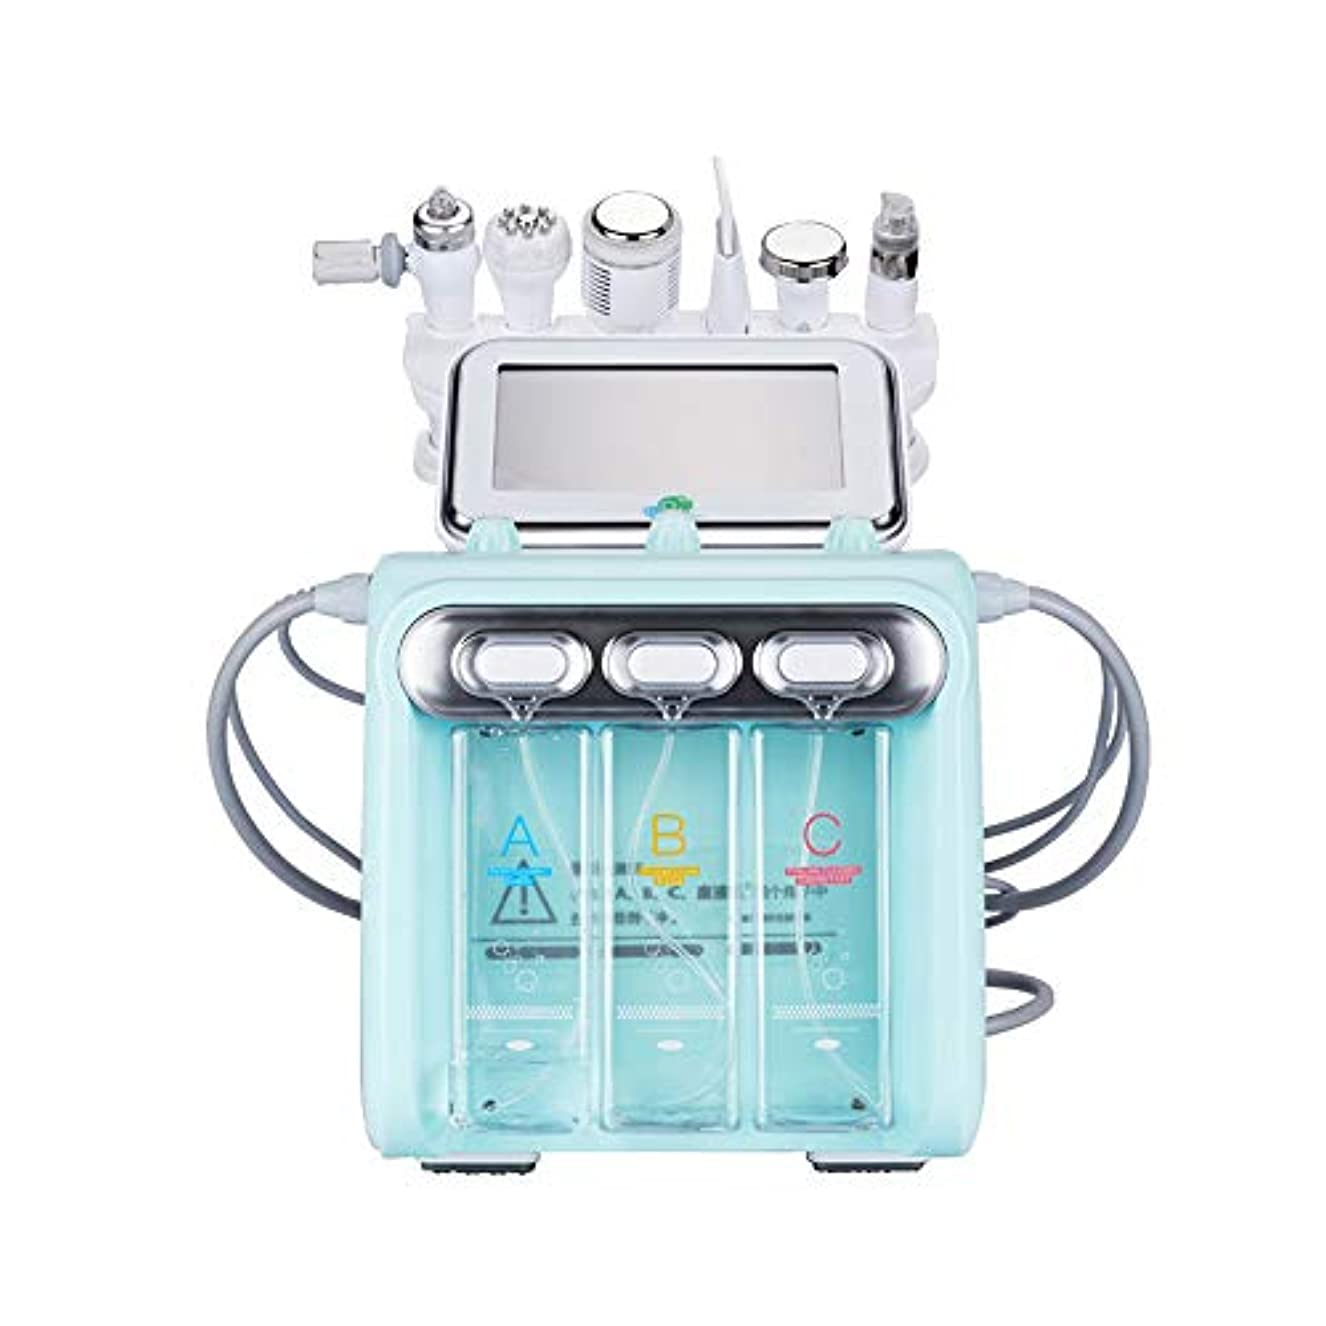 くしゃみ高齢者ペット1つの多機能スキンクリーナーの水素酸素小さなバブルhydrofacial 6